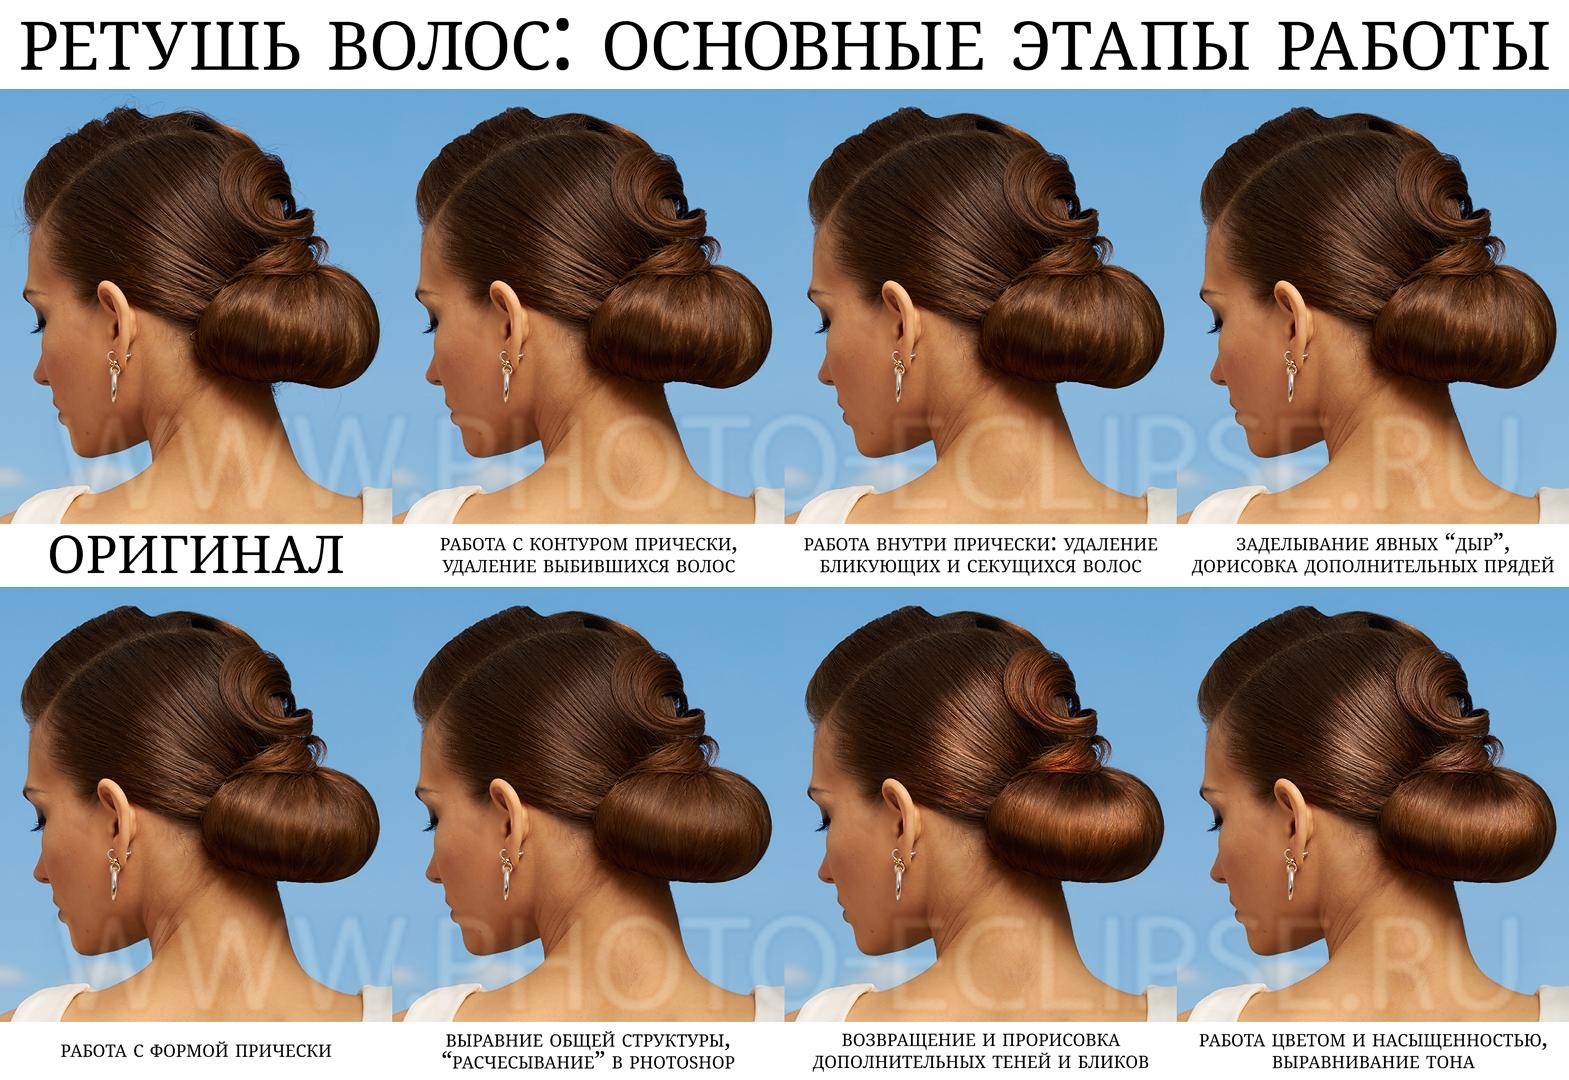 Алгоритм ретуши прически: основные этапы работы - Стив Ласмин - www.Photo-Eclipse.ru